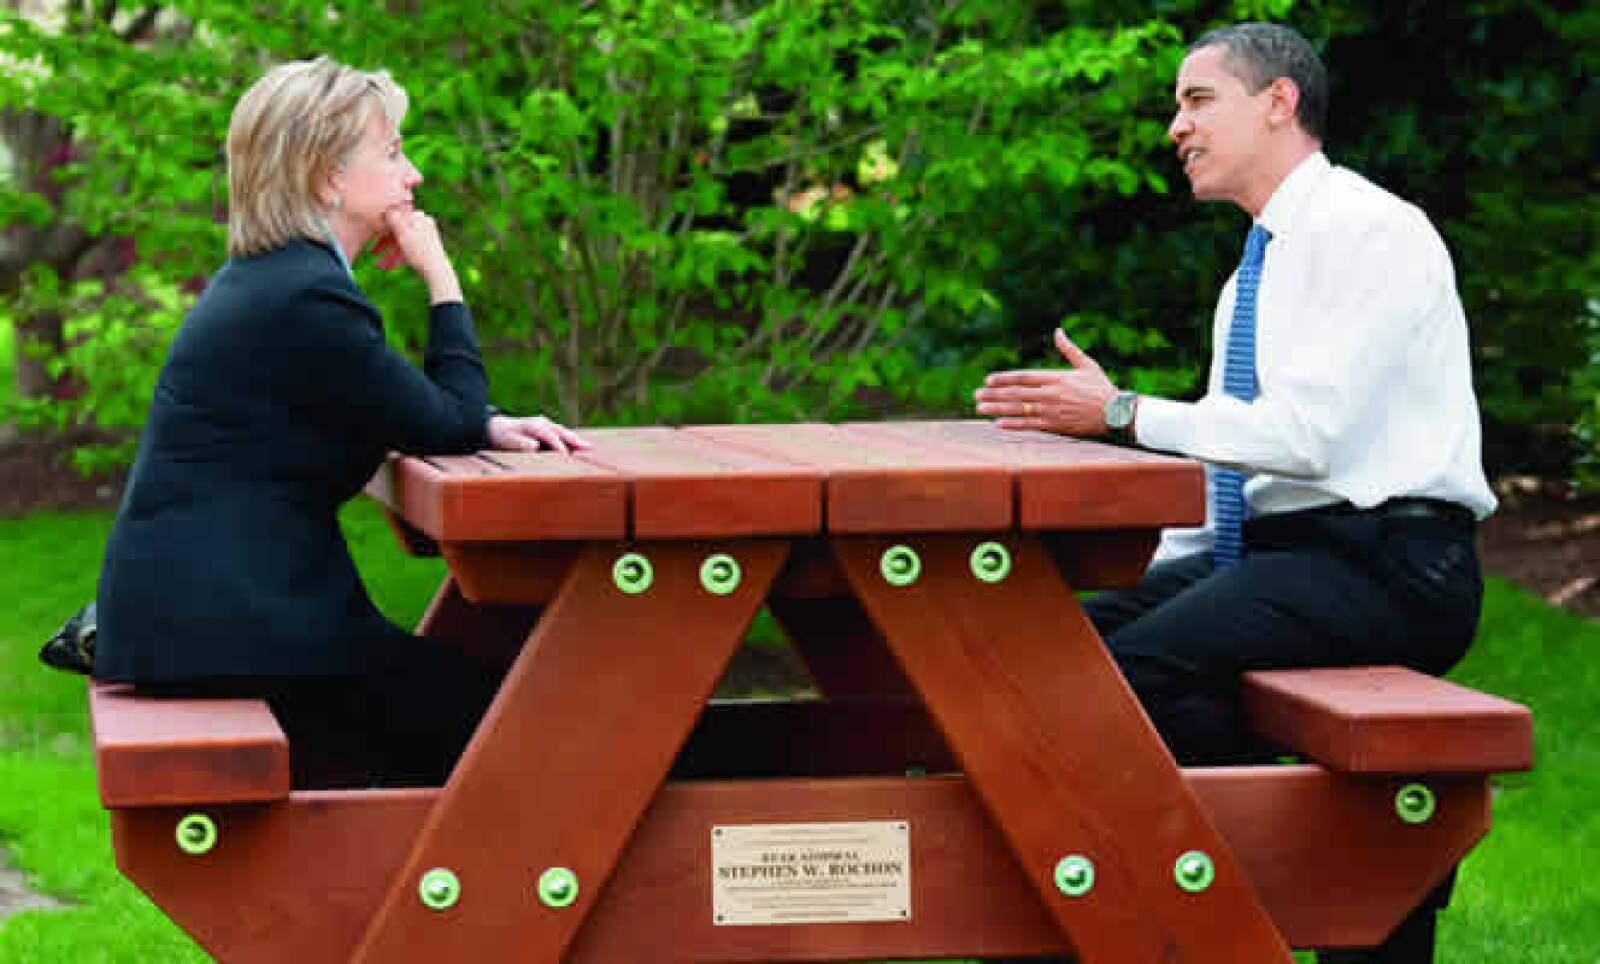 Hillary Clinton pasó de ser su más acérrima enemiga a uno de sus más incondicionales apoyos políticos como secretaria de estado.